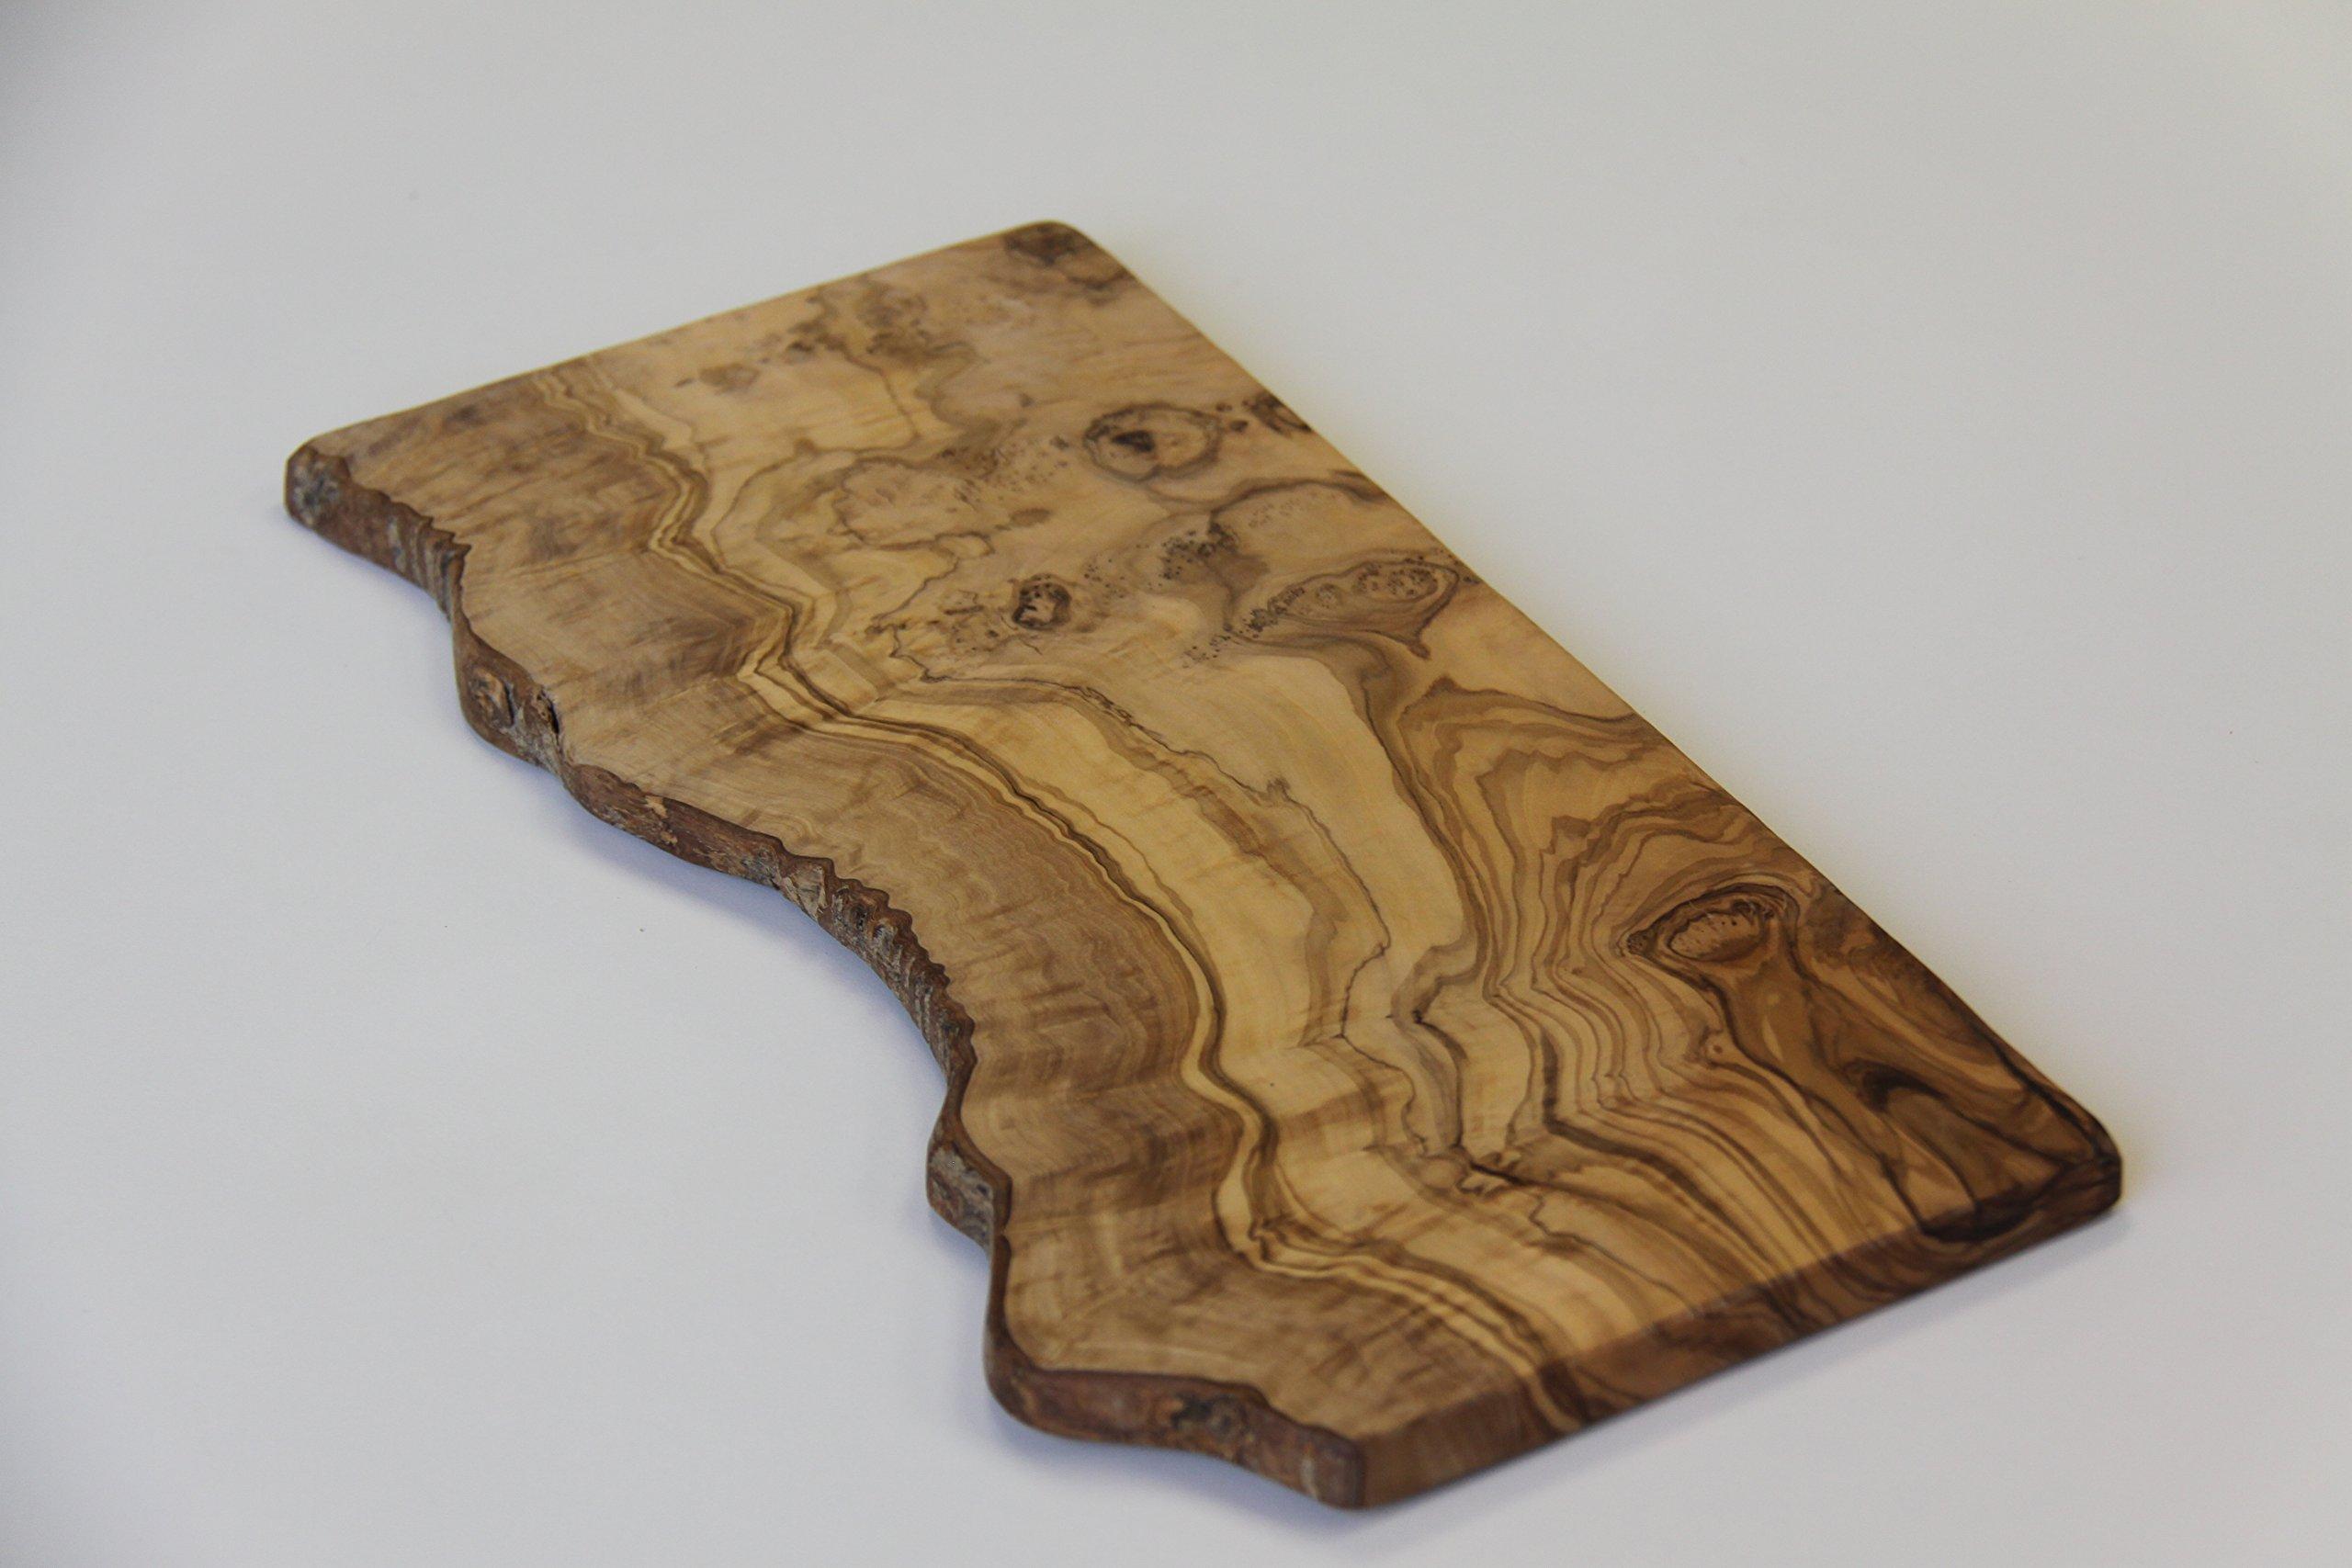 Artaste 28904 Olive Wood Rustic Cutting Board, Around 15.7-Inch Length